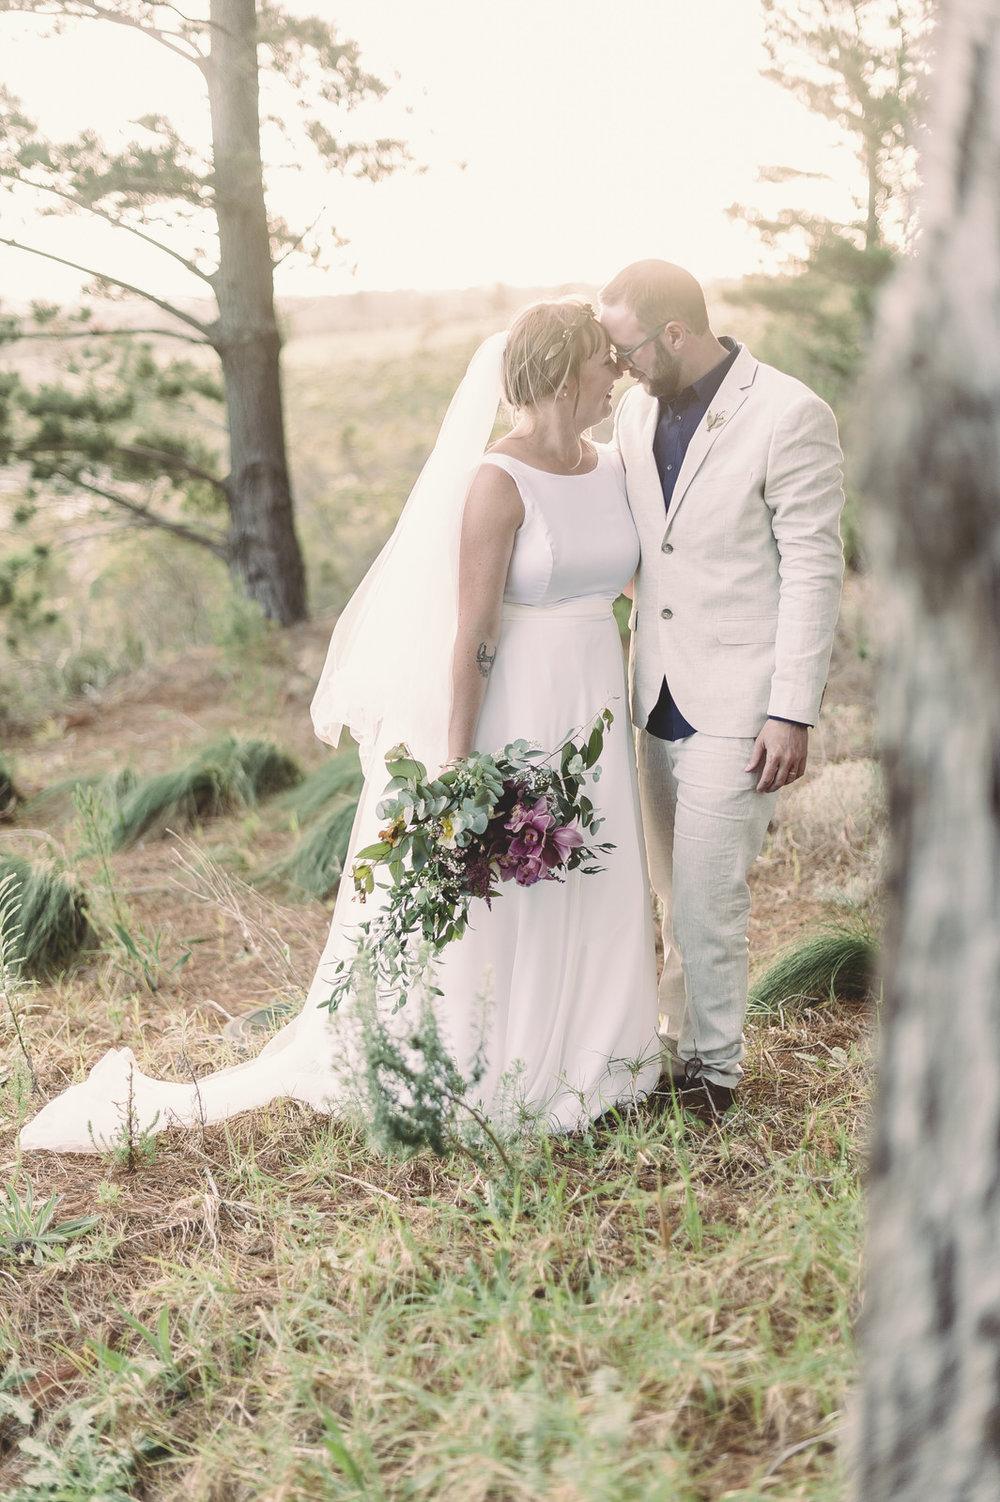 RyanParker_Wedding_CapeTown_Hermanus_R+E_DSC_5247.jpg